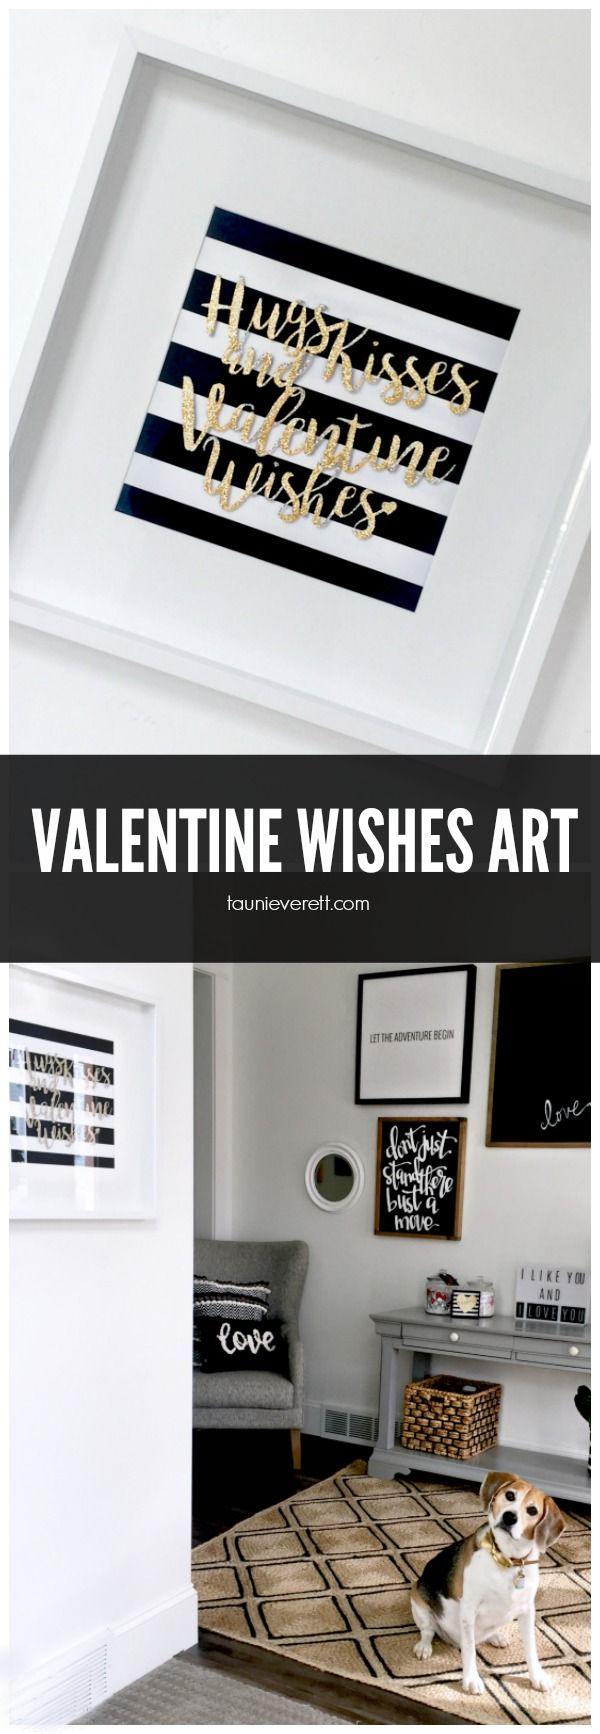 Valentine Wishes Art Pinterest